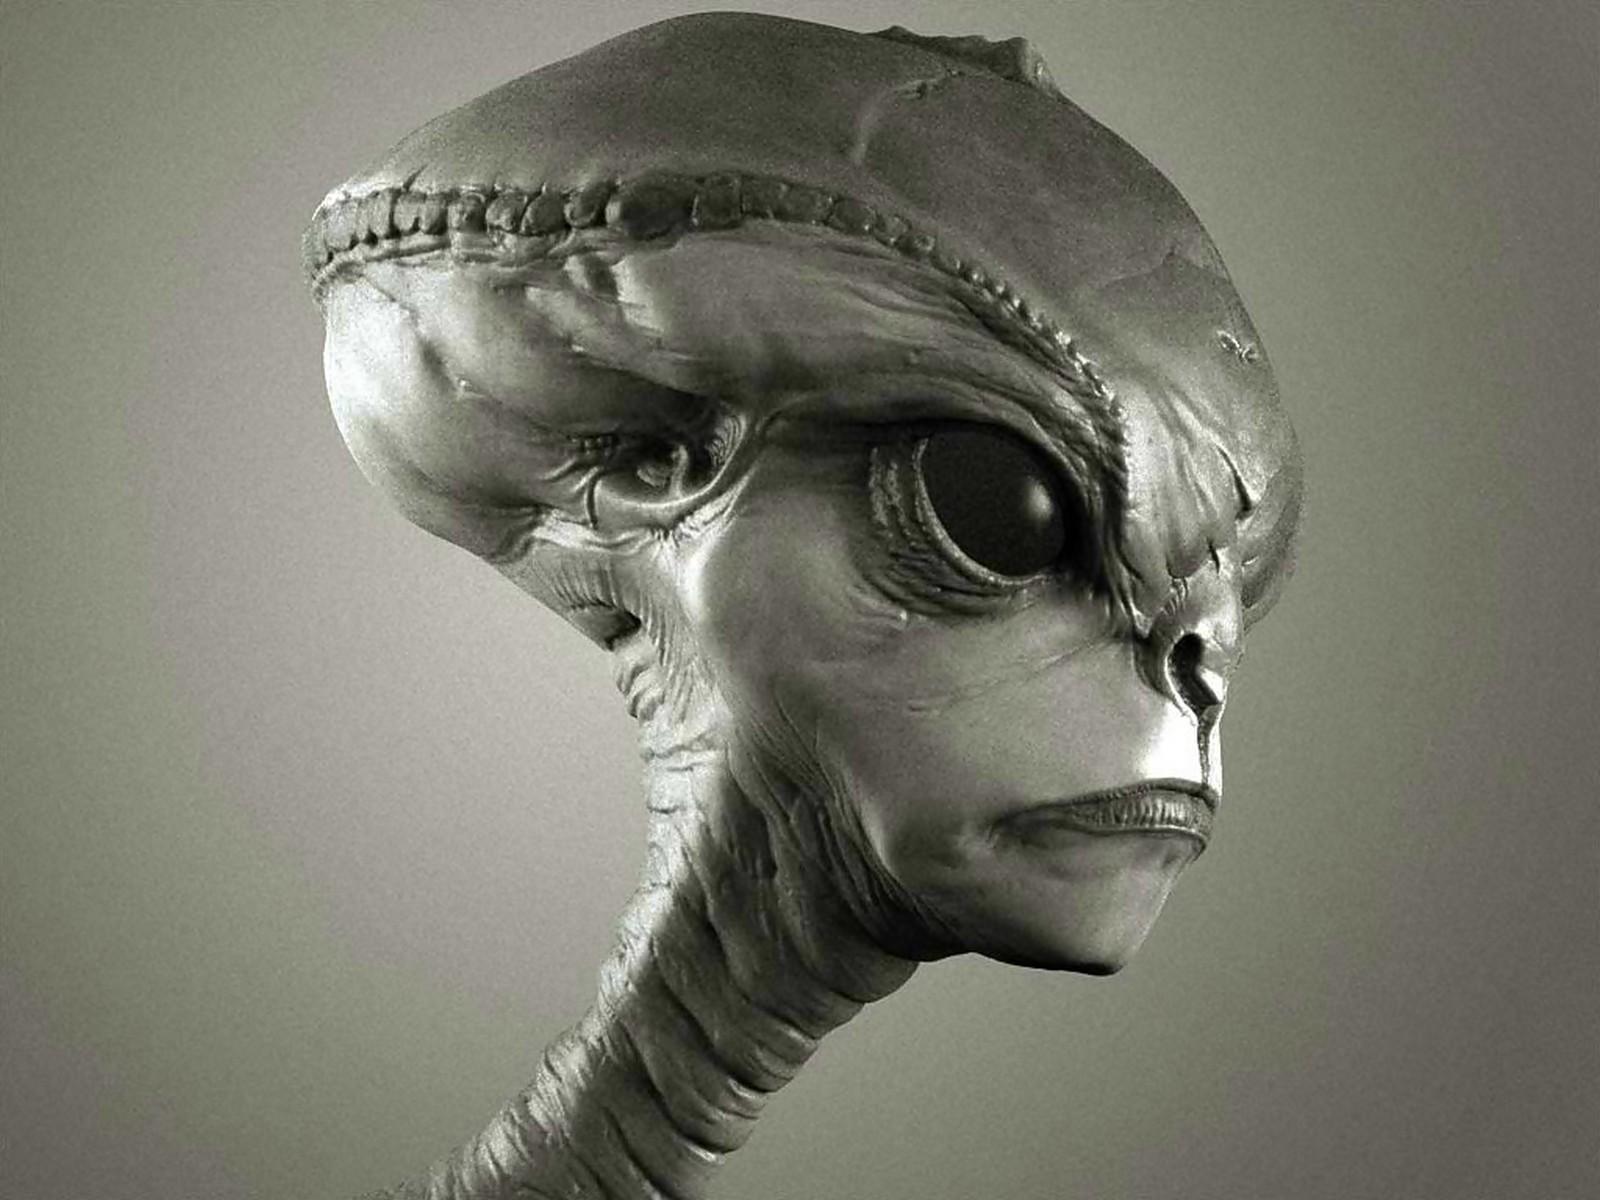 Ученые нашли древнейшие следы машин инопланетян на Земле